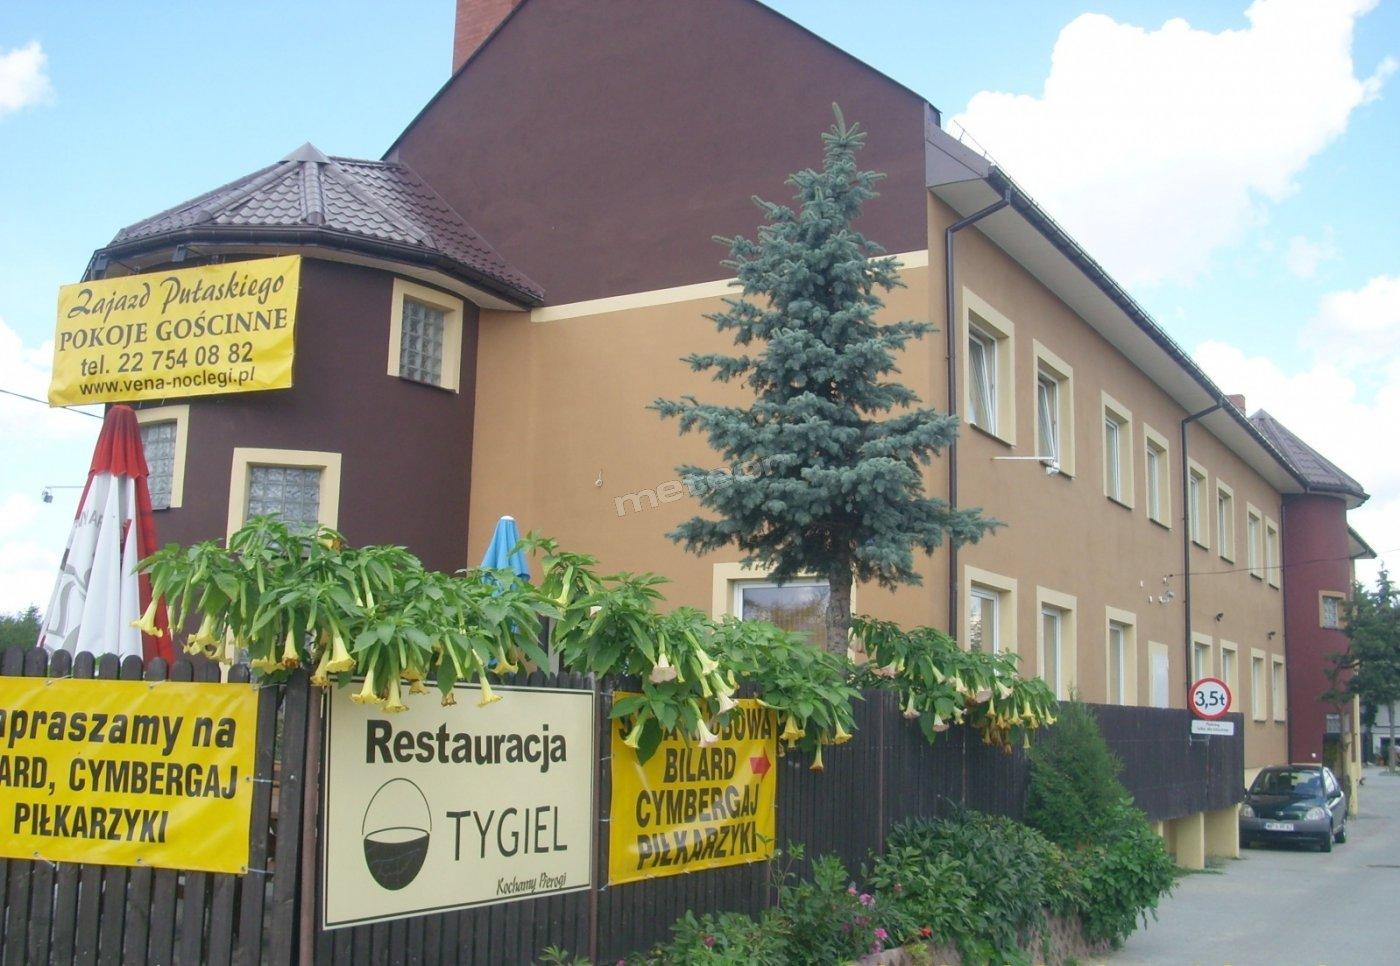 Zajazd Pułaskiego